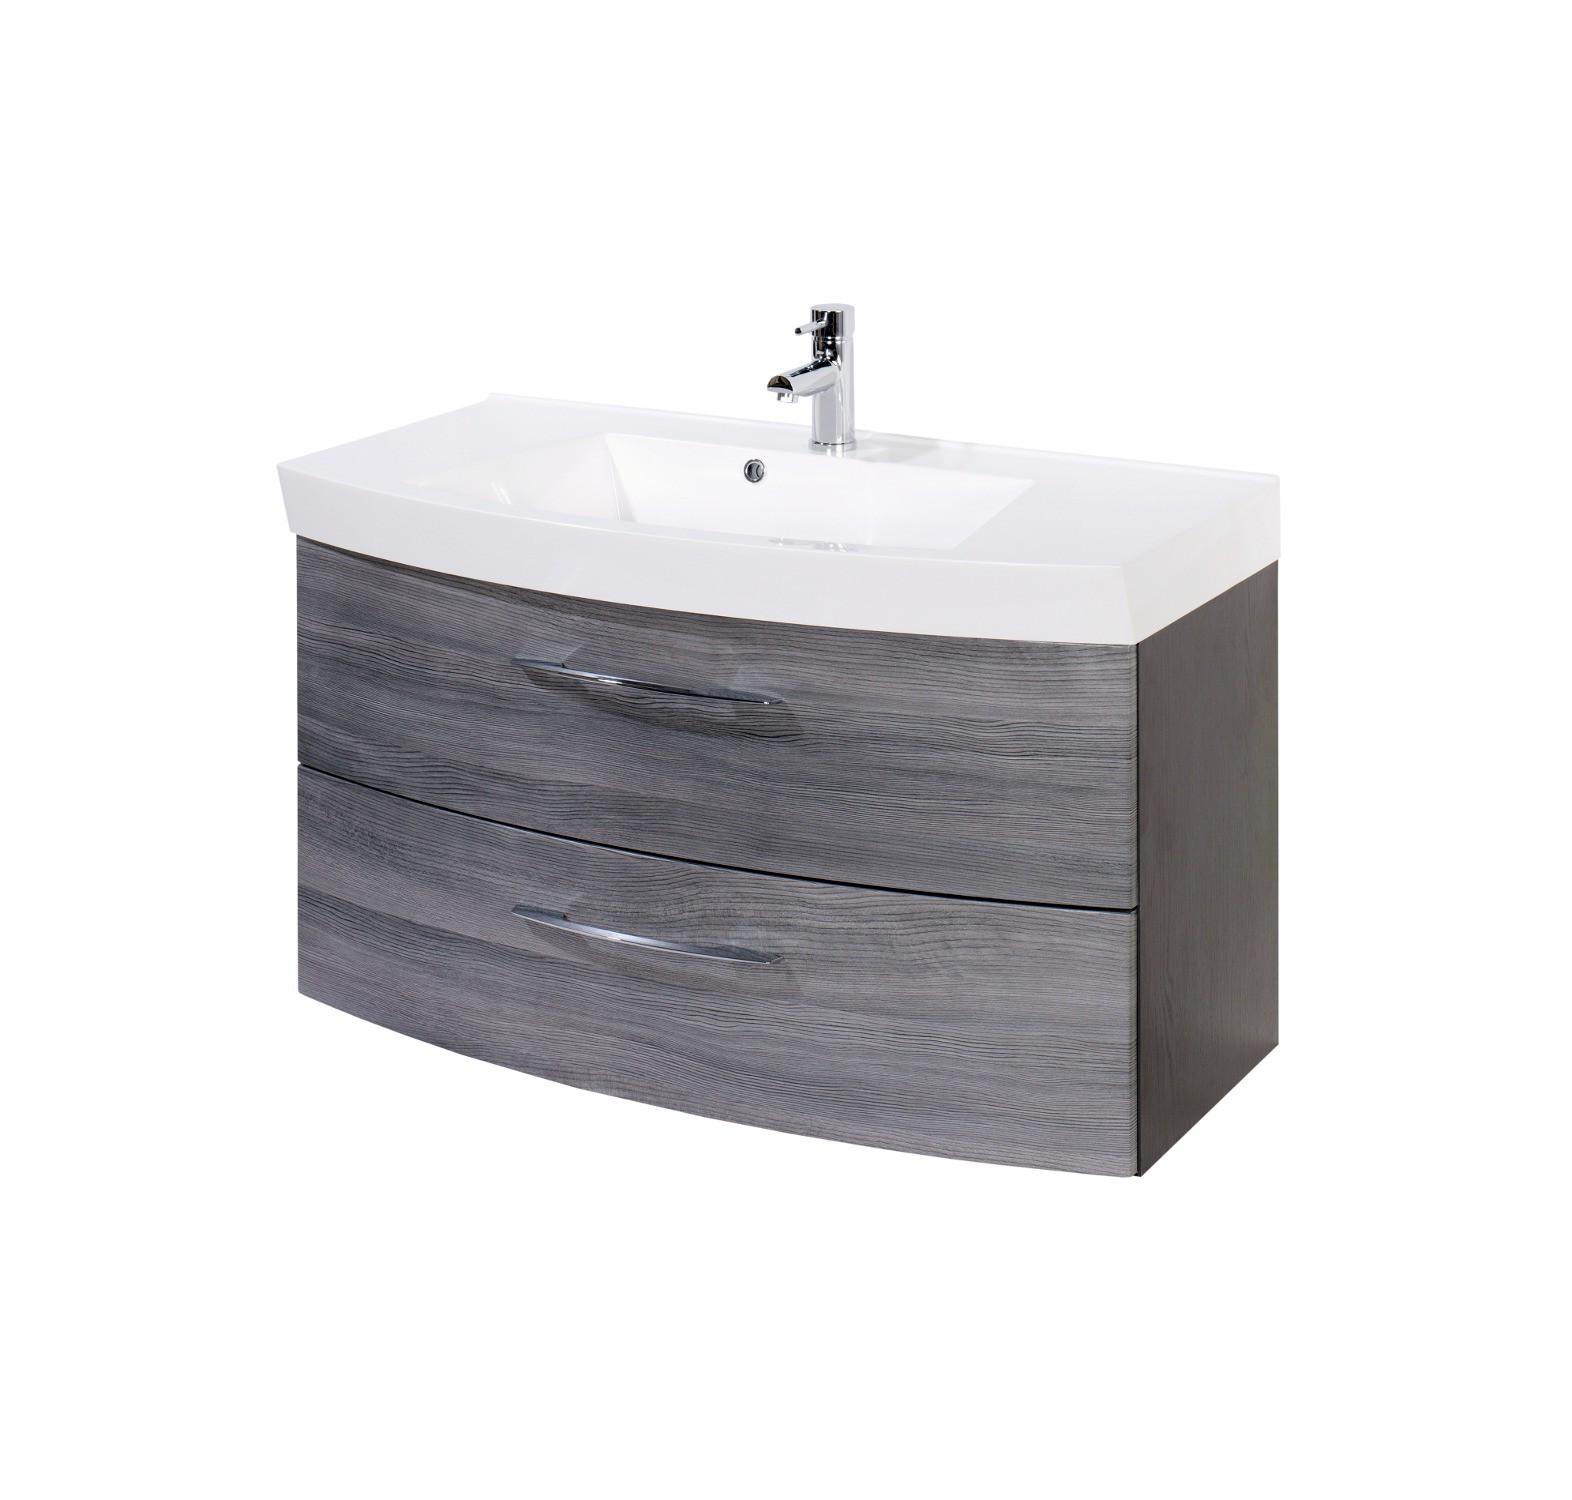 badmöbel-set florida - mit waschtisch und spiegelschrank - 6, Badezimmer